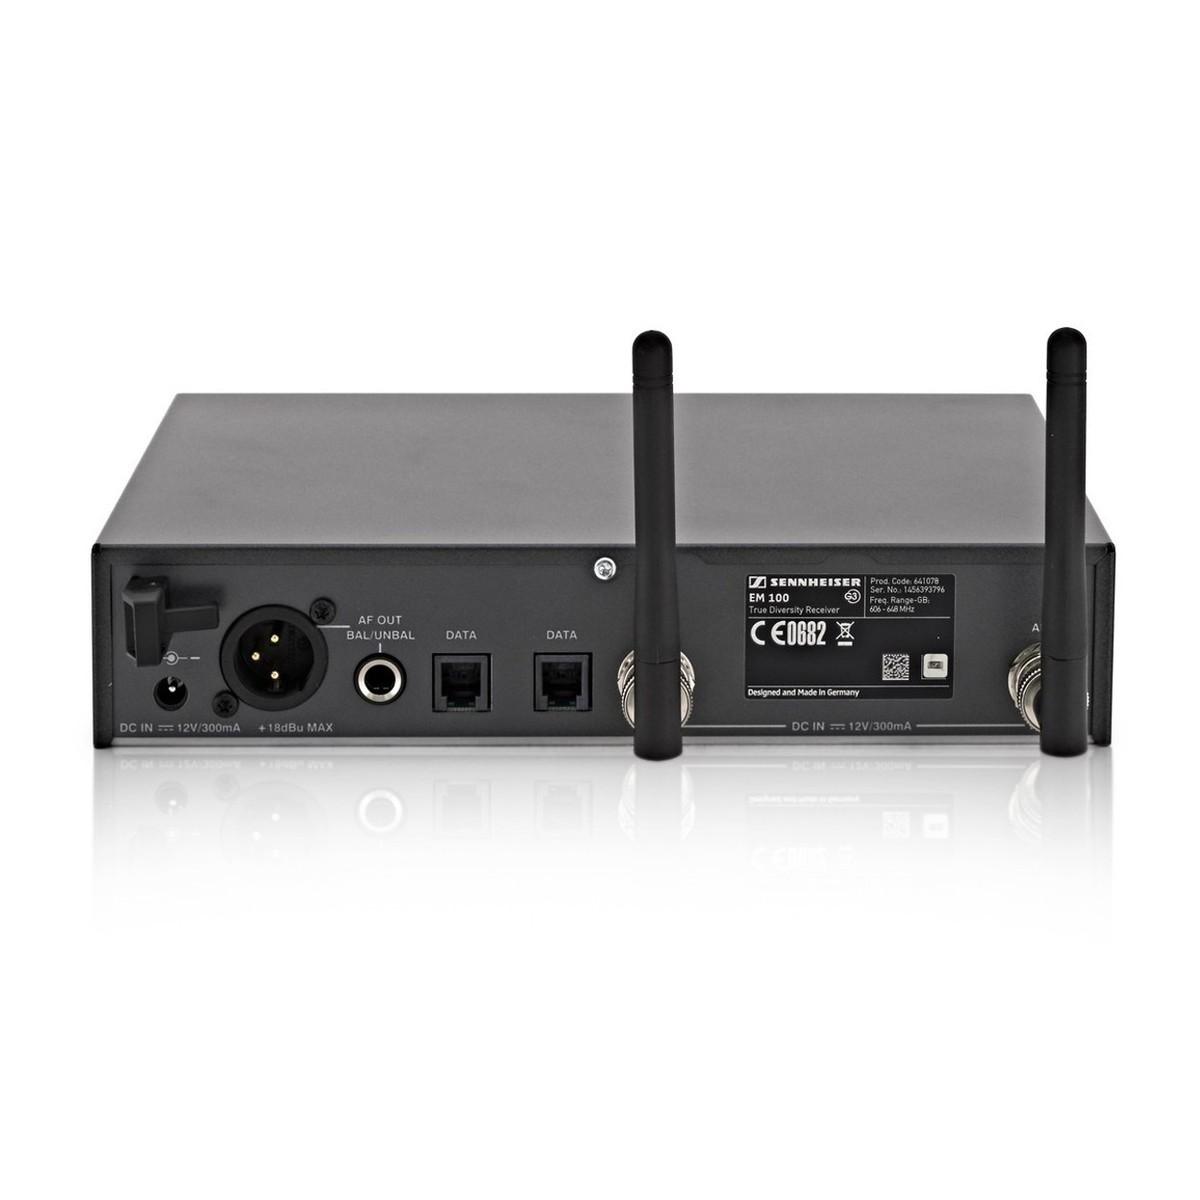 sennheiser em 100 g3 wireless receiver band gb at. Black Bedroom Furniture Sets. Home Design Ideas